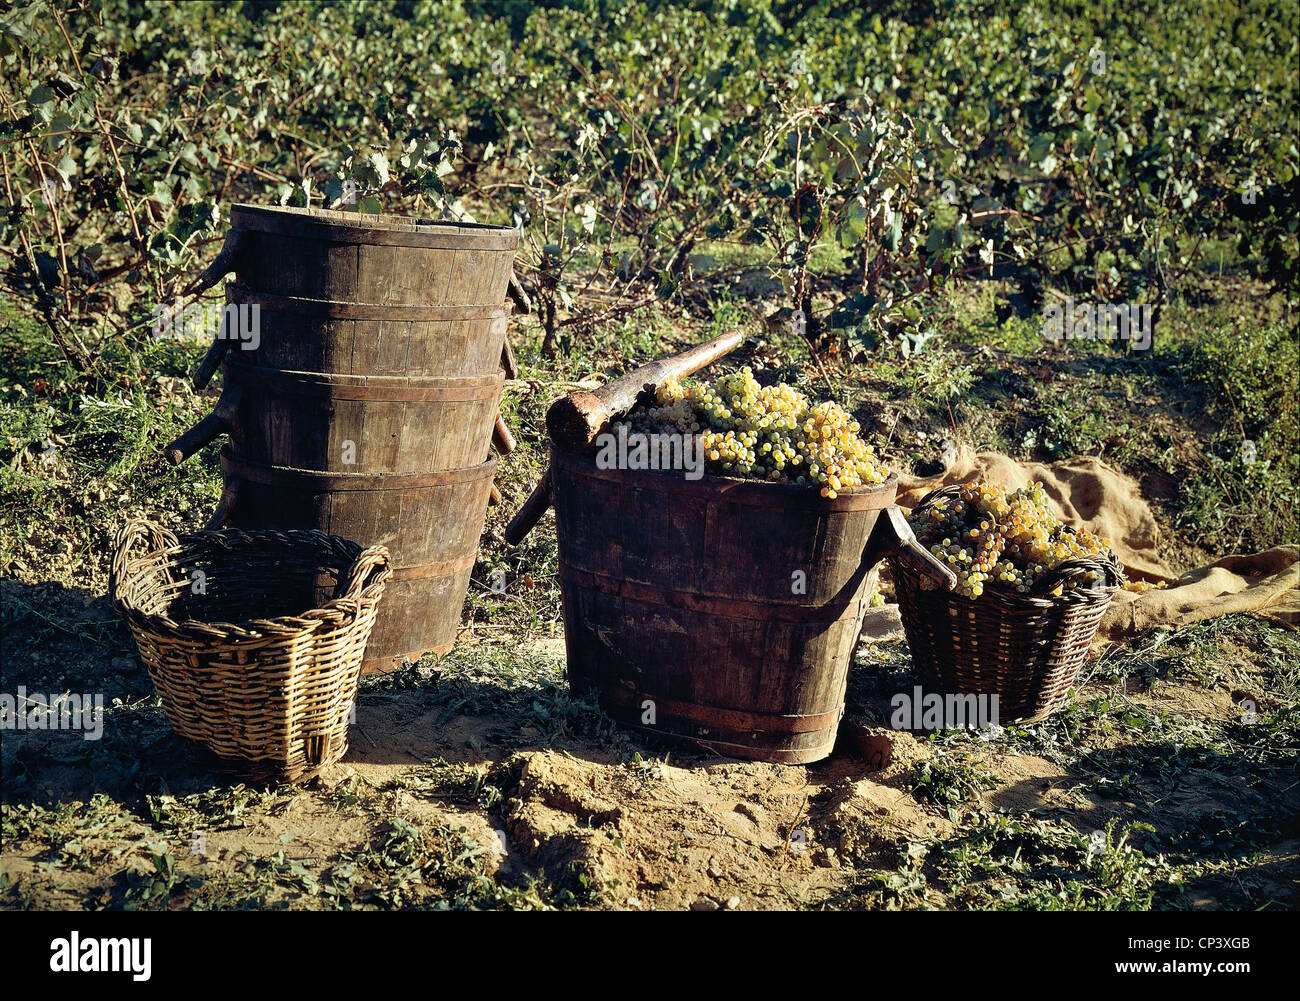 España - Catalunya - Artes. Vedemmia: canastas con uvas Imagen De Stock